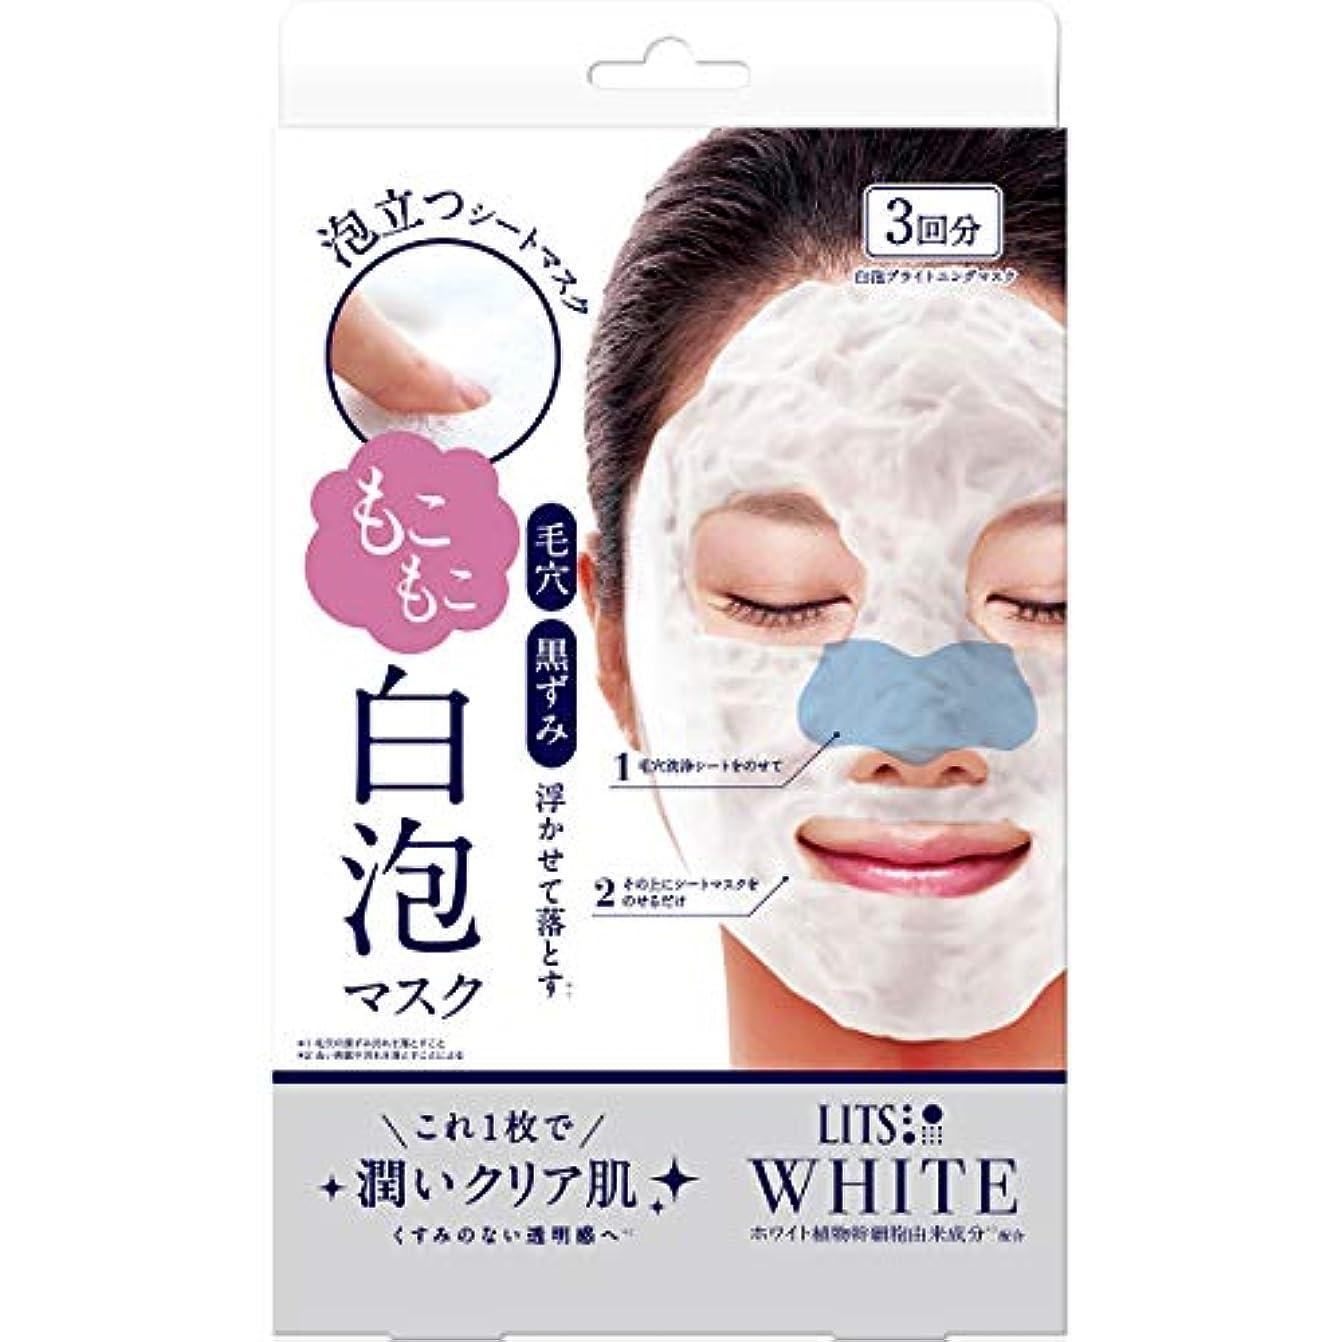 機知に富んだスタウトインディカリッツ ホワイト もこもこ白泡マスク 3枚